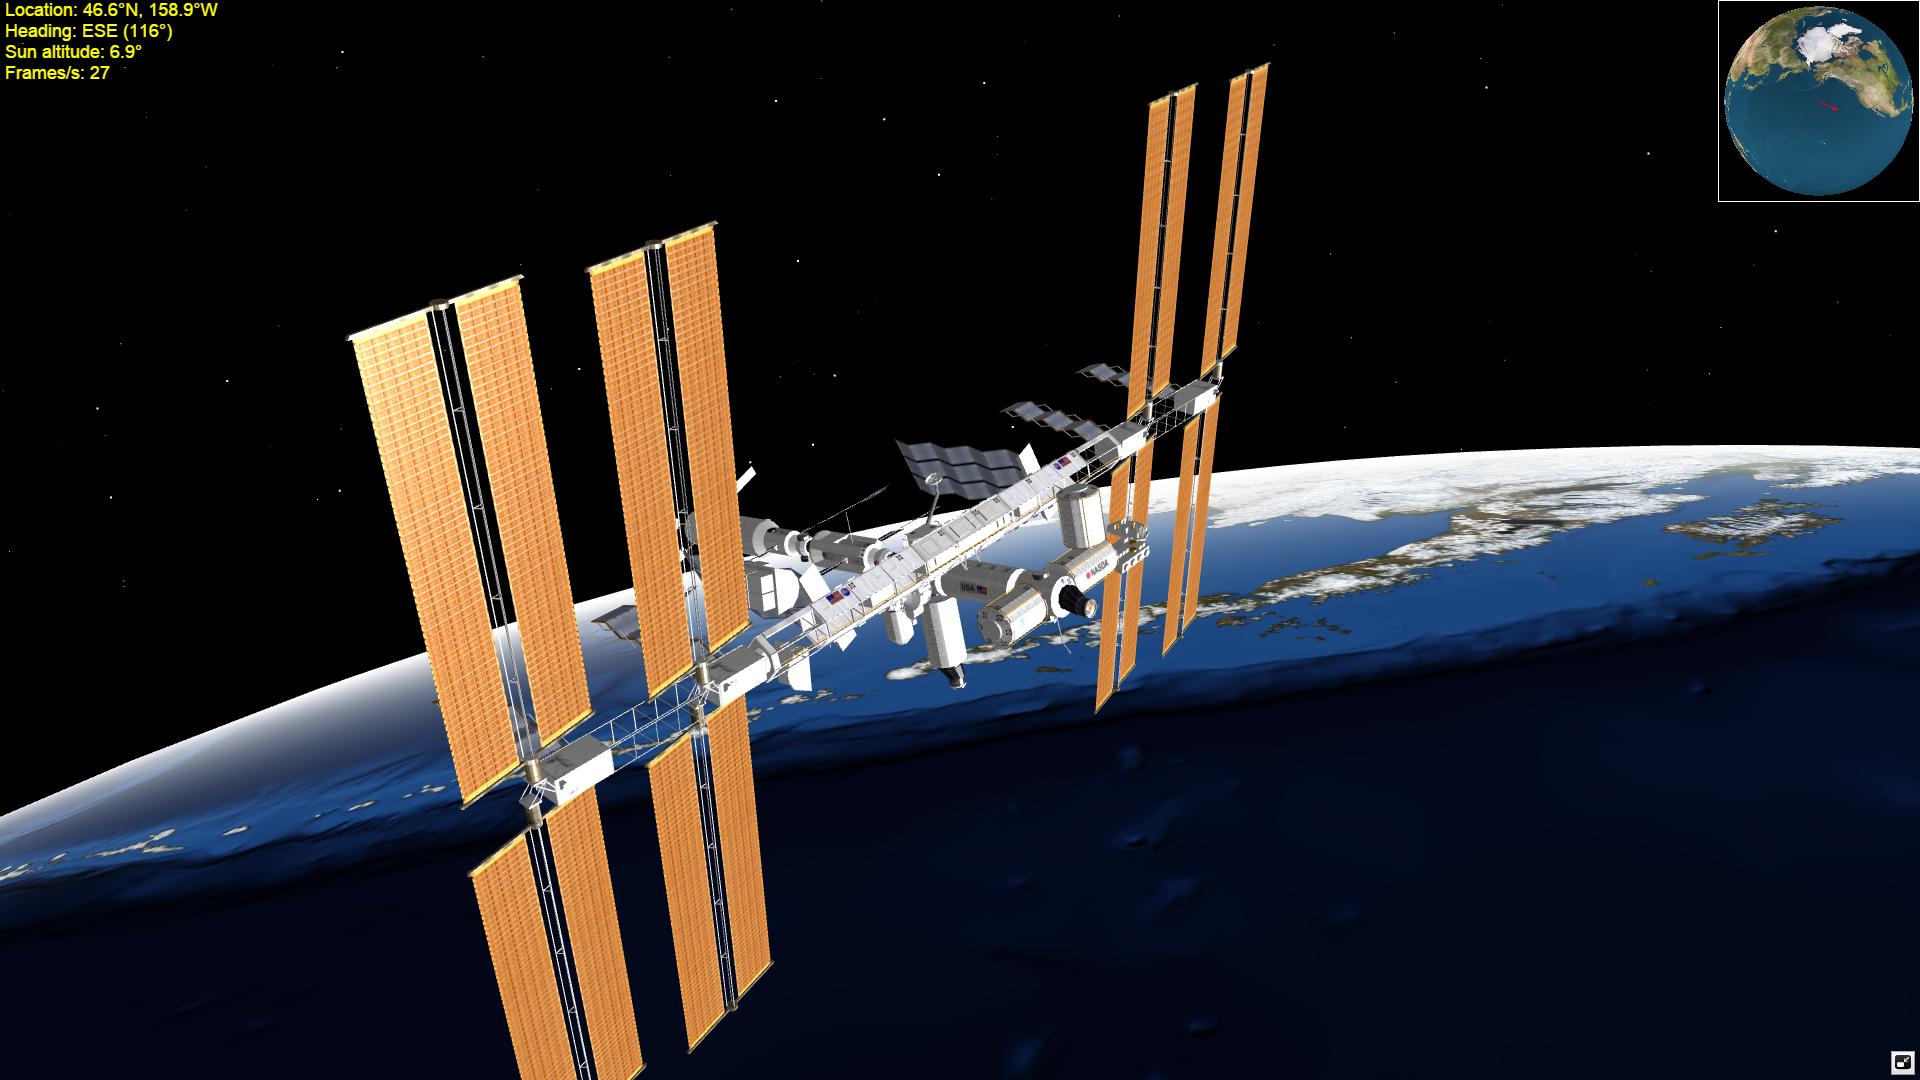 Interaktiv 3D model af astronautens Andreas Mogensens